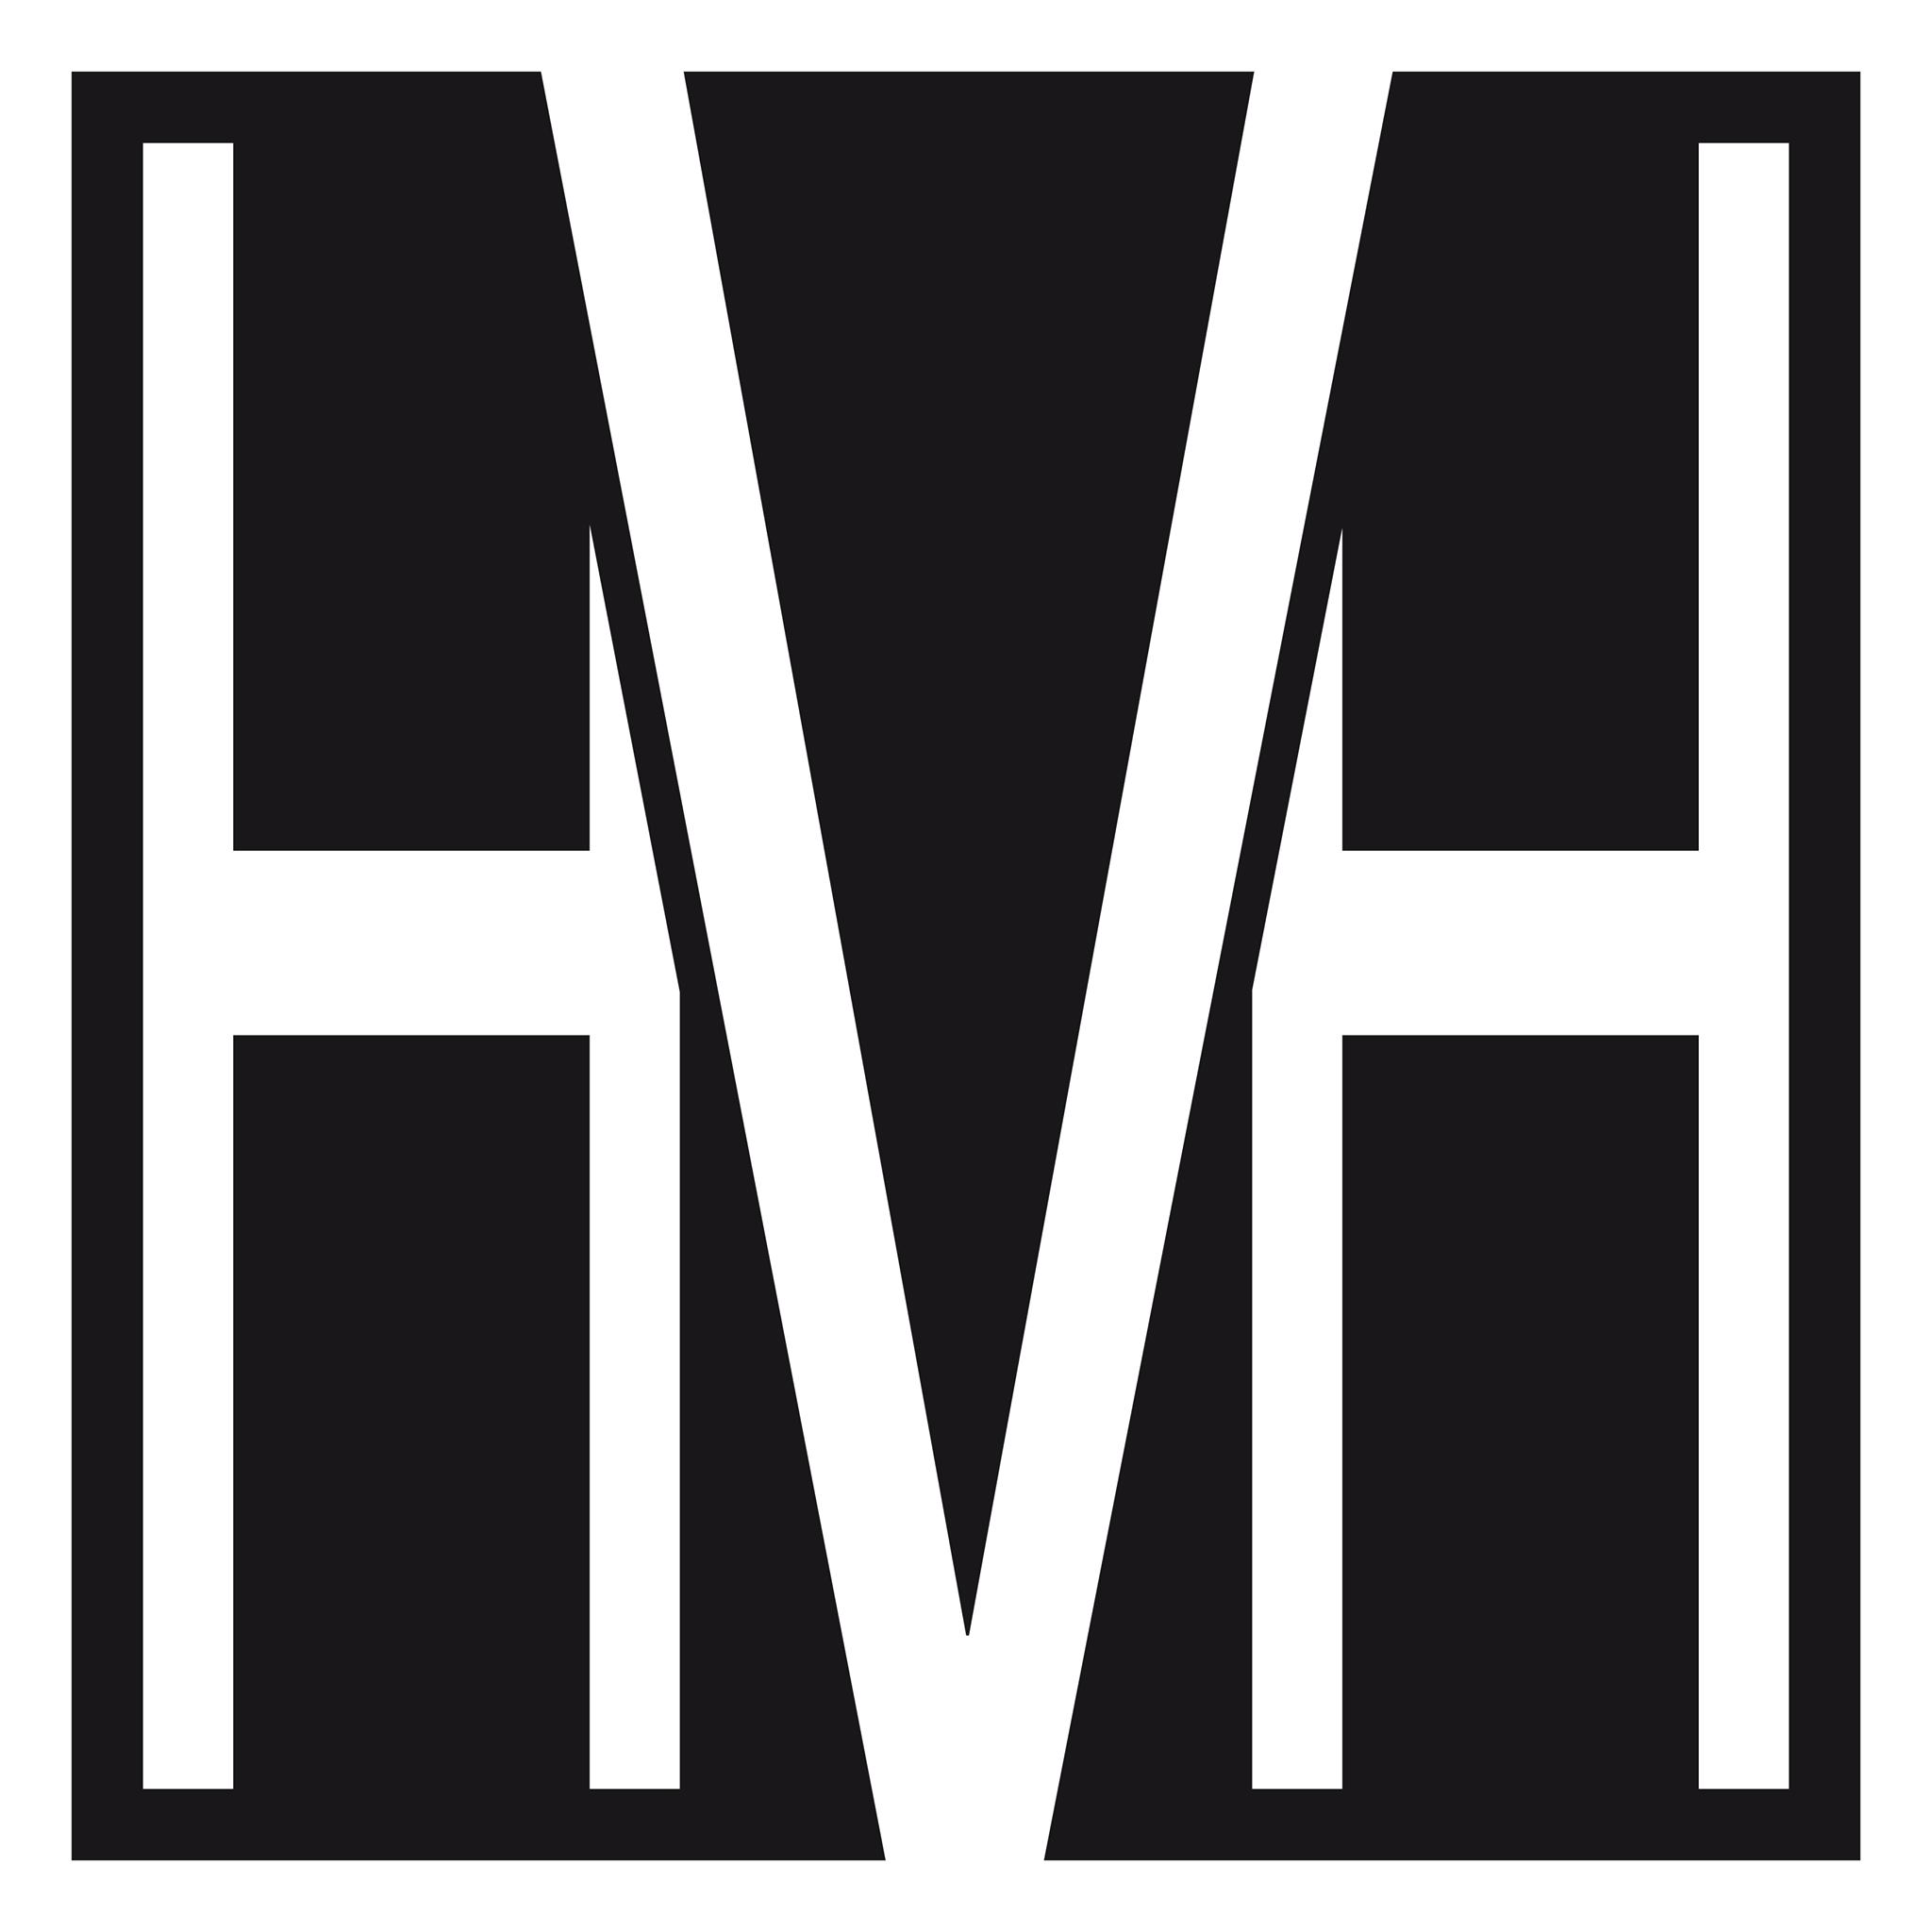 Hervé Vanden Haute Architecten